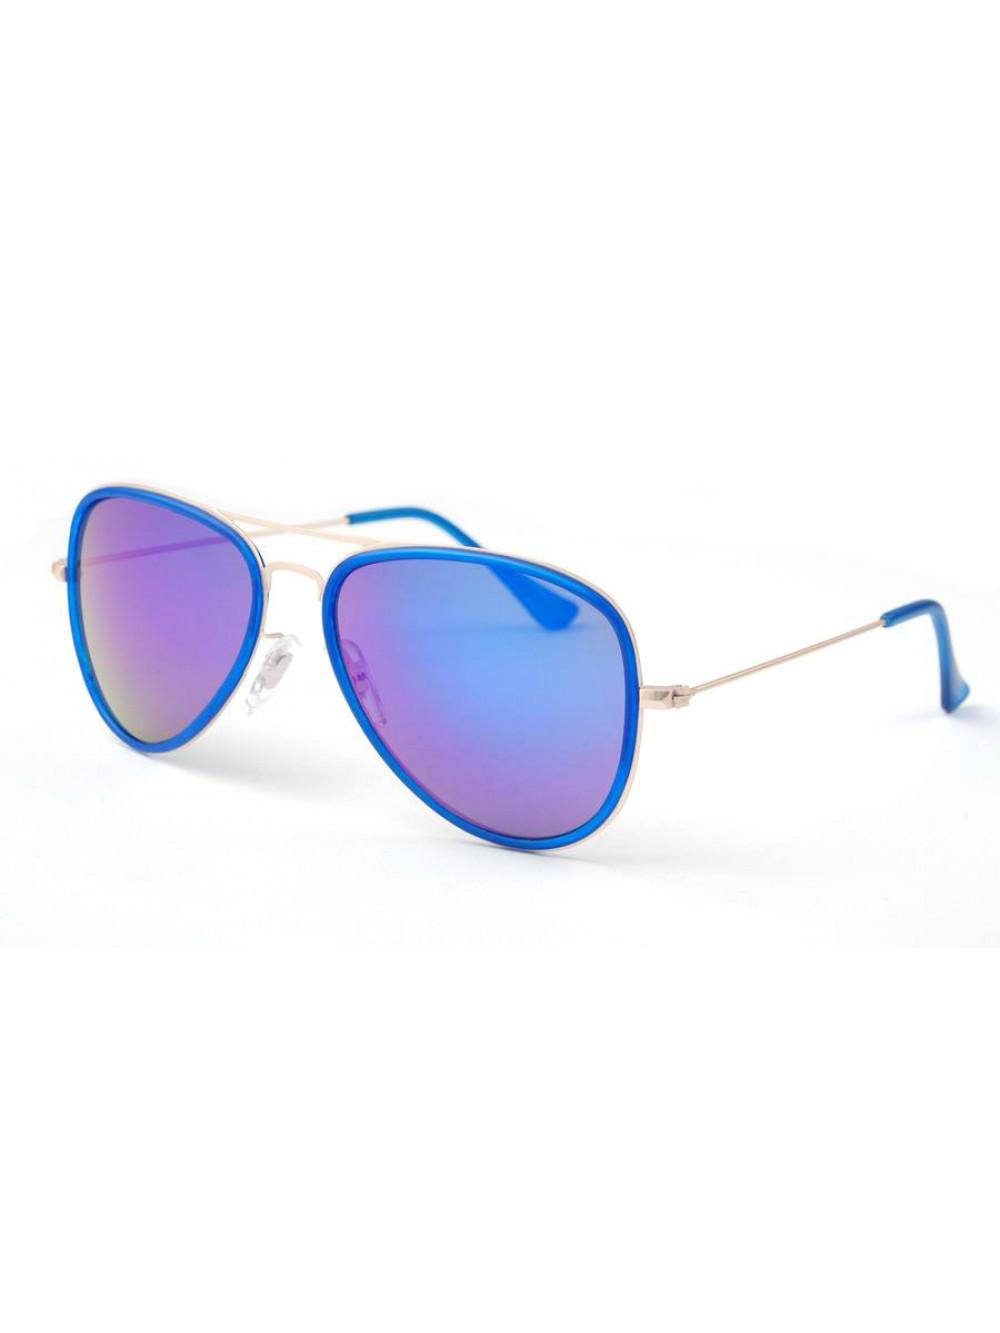 e853aa559 Slnečné okuliare Aviator Pilot XS blue